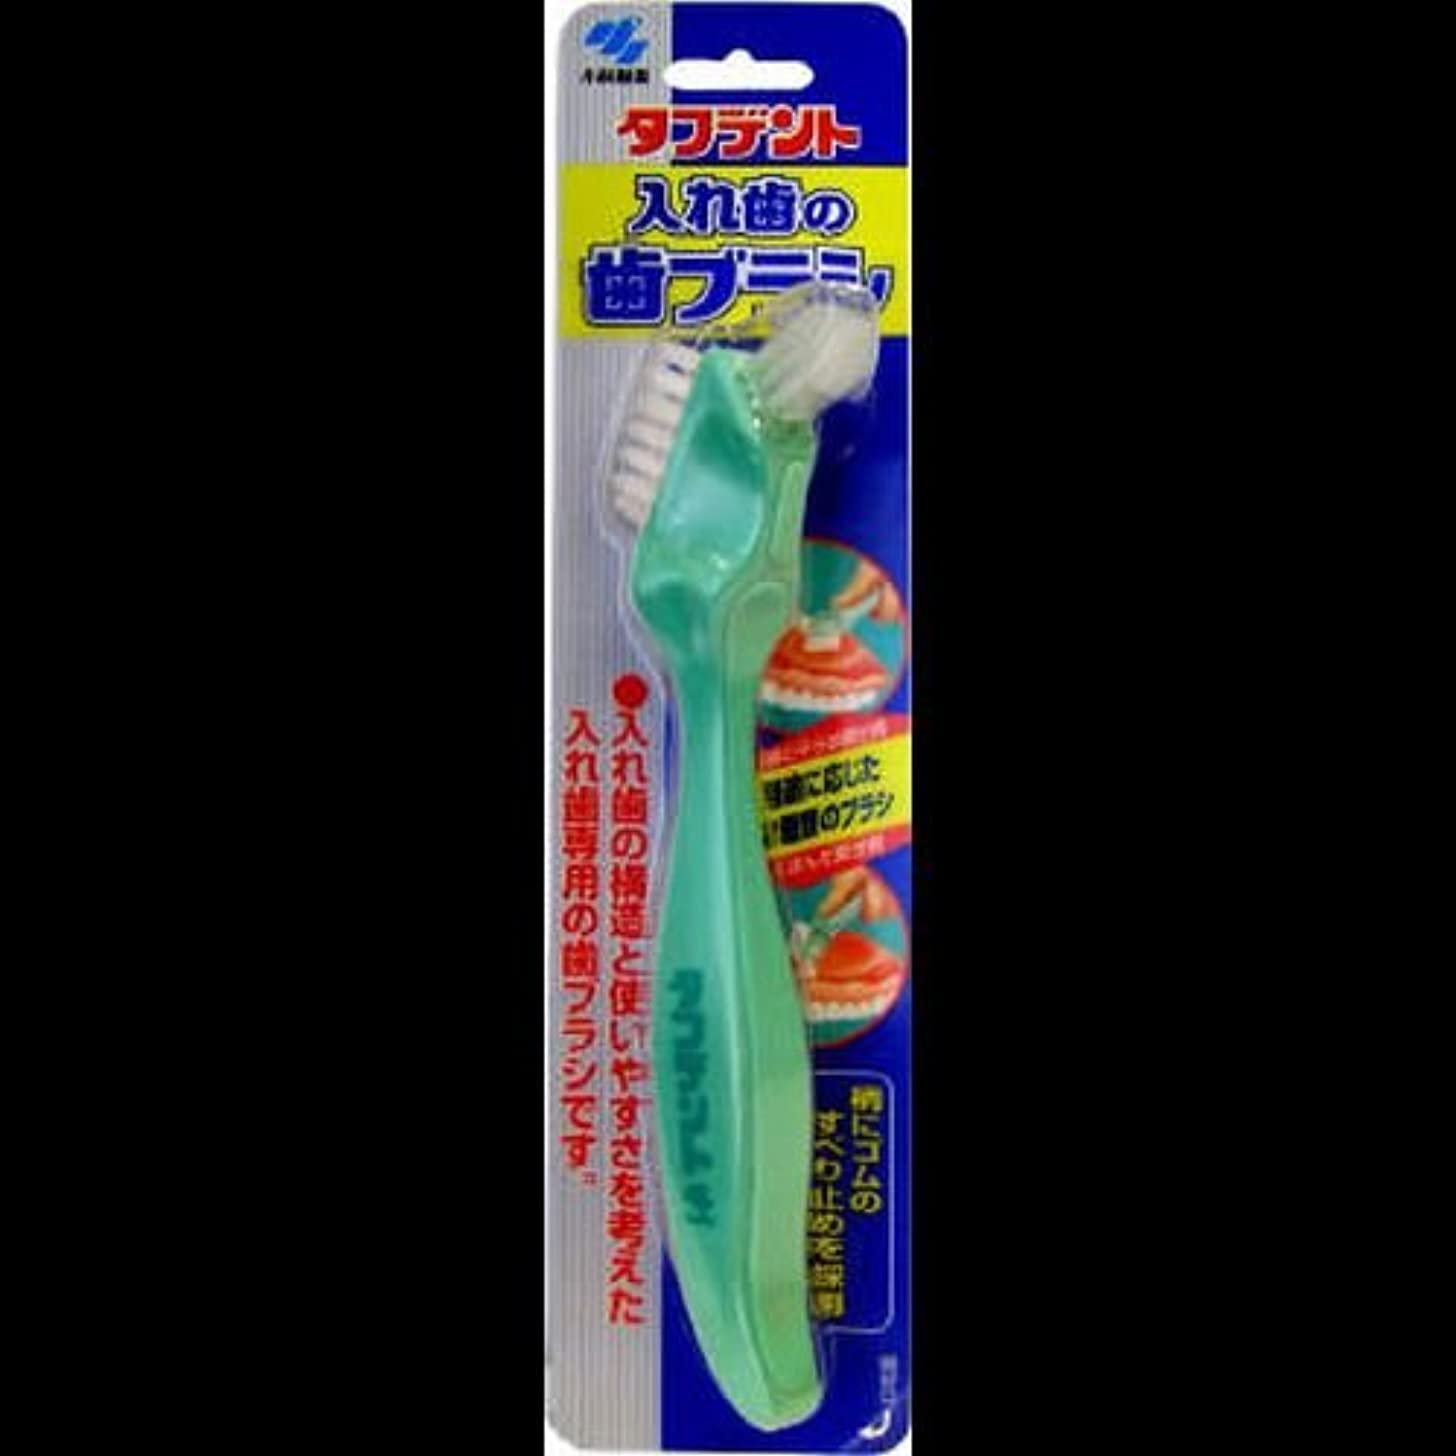 説明するカメ縁タフデント入れ歯の歯ブラシ 1本 ×2セット